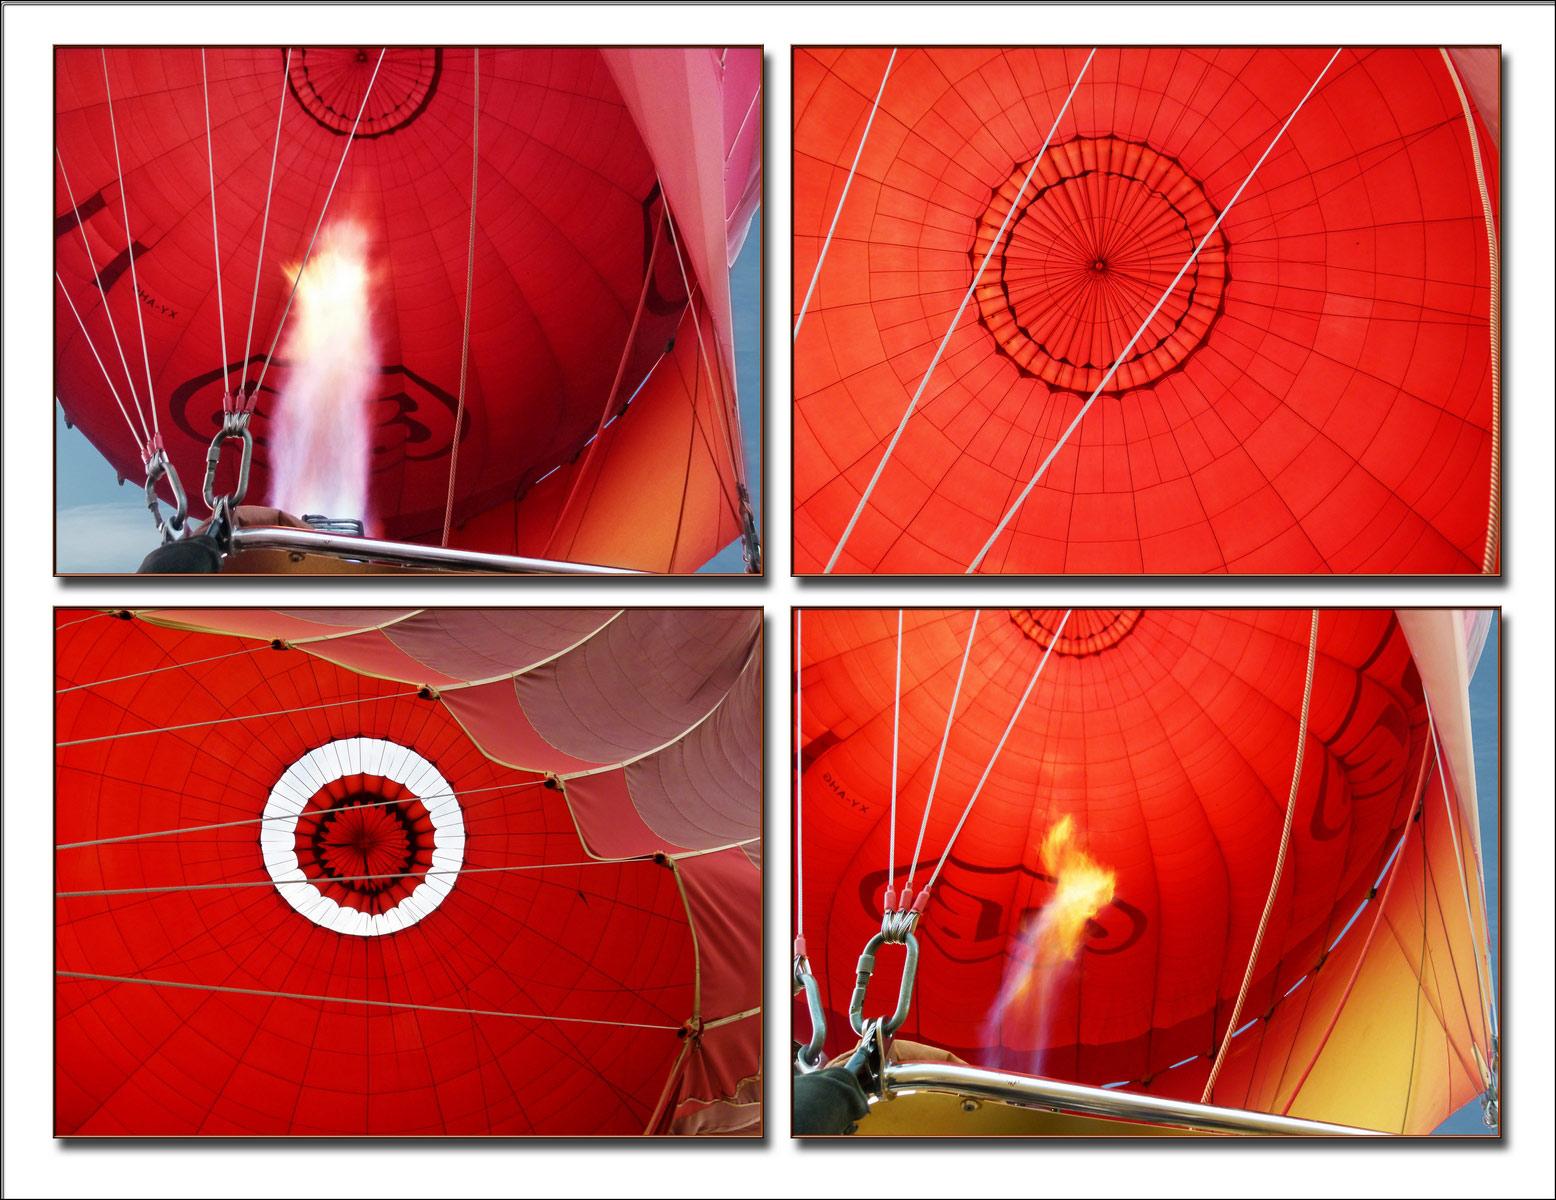 UN ESPACE OUVERT PAR MARCEL ET JE SOUHAITE JUSTE VOUS RAPPELER QU'IL EXISTE! - Page 2 Montgolfieresmontage02web